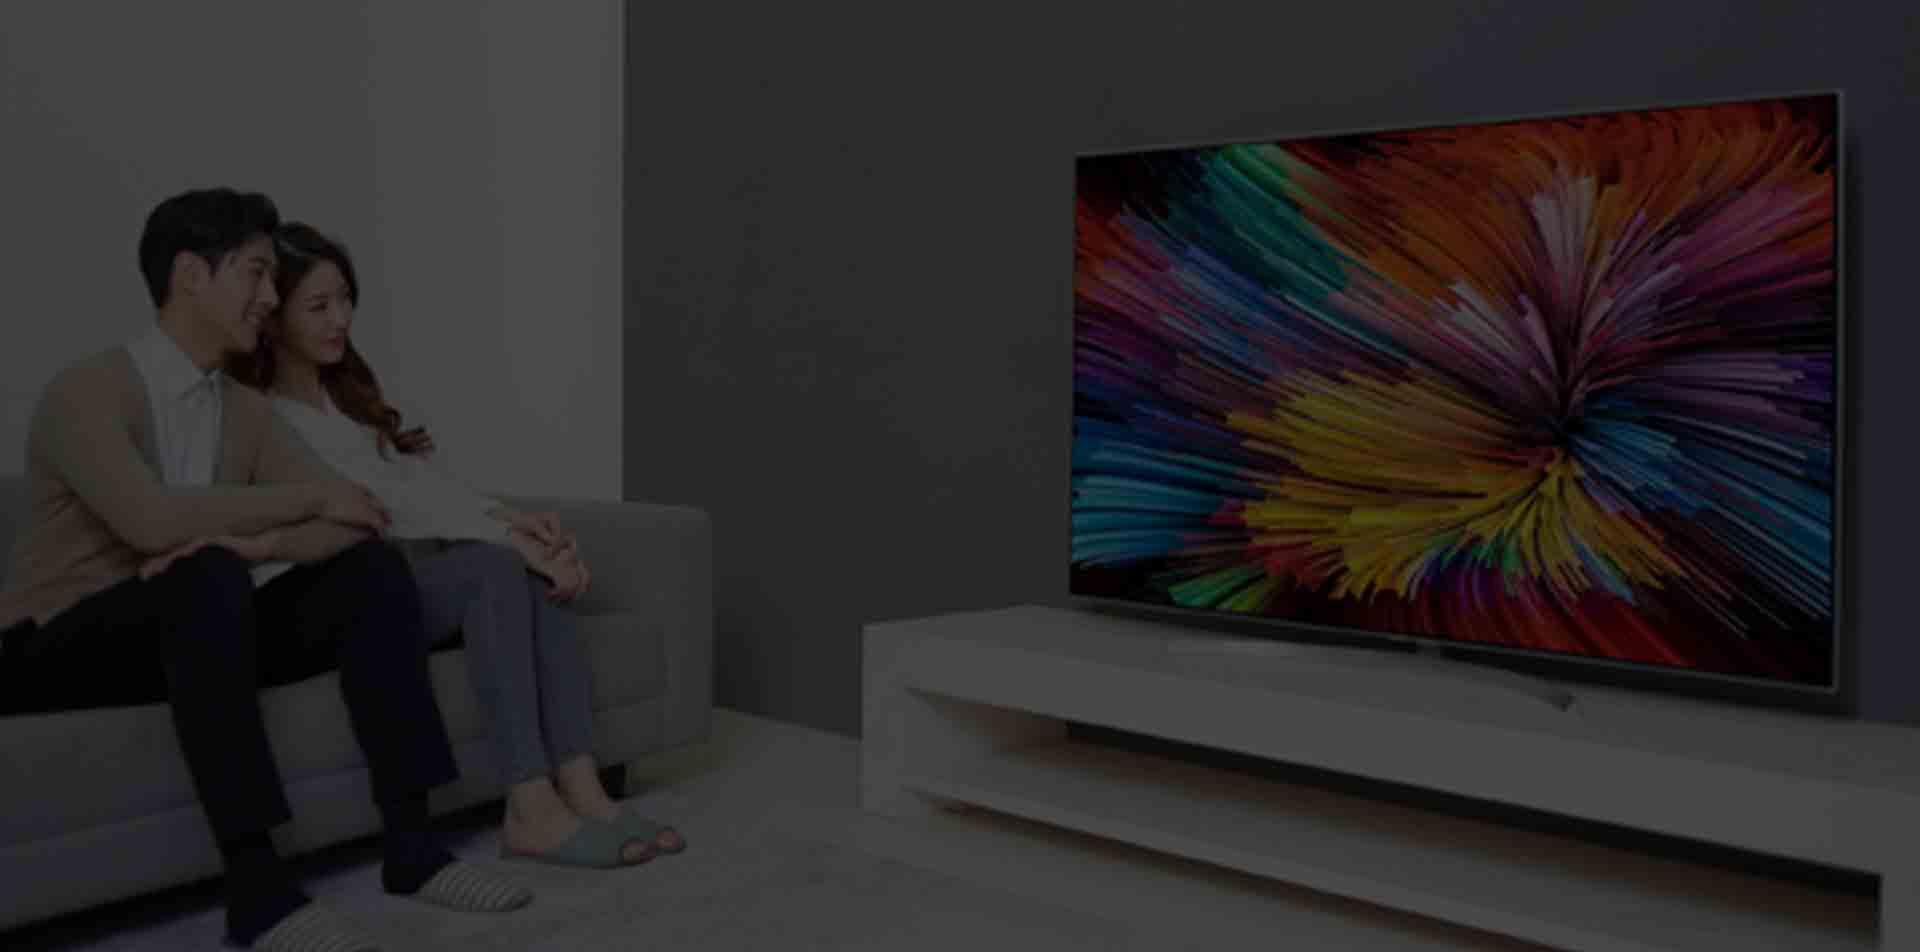 تعمیر بک لایت تلویزیون توشیبا